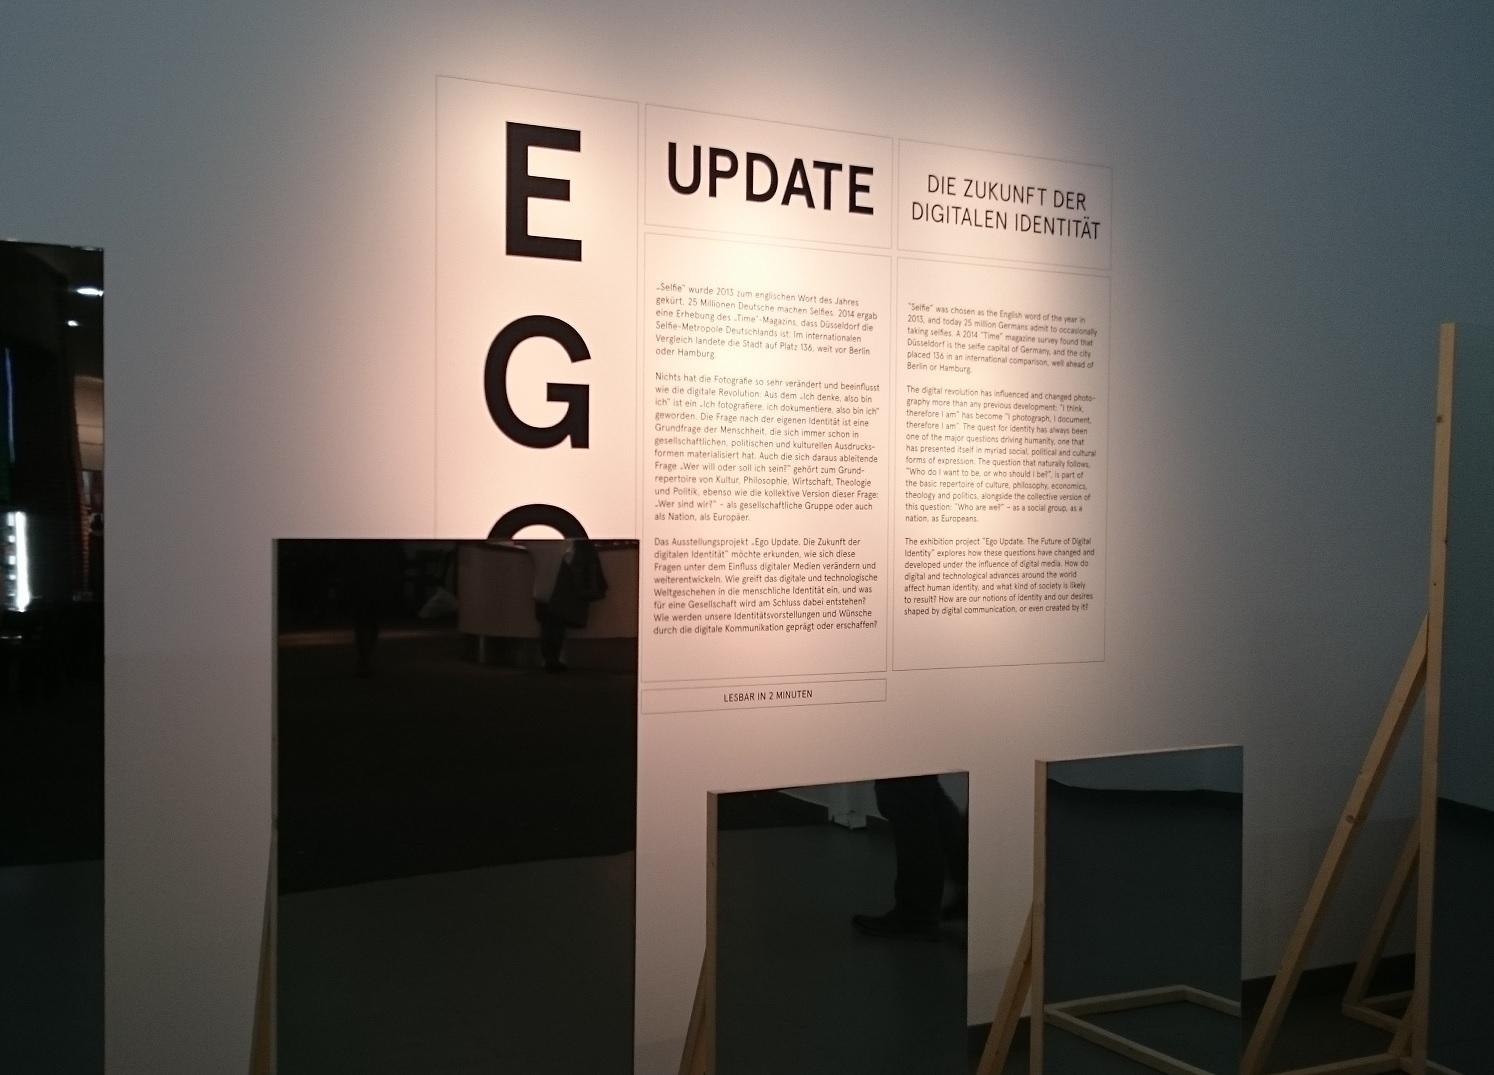 Ego update